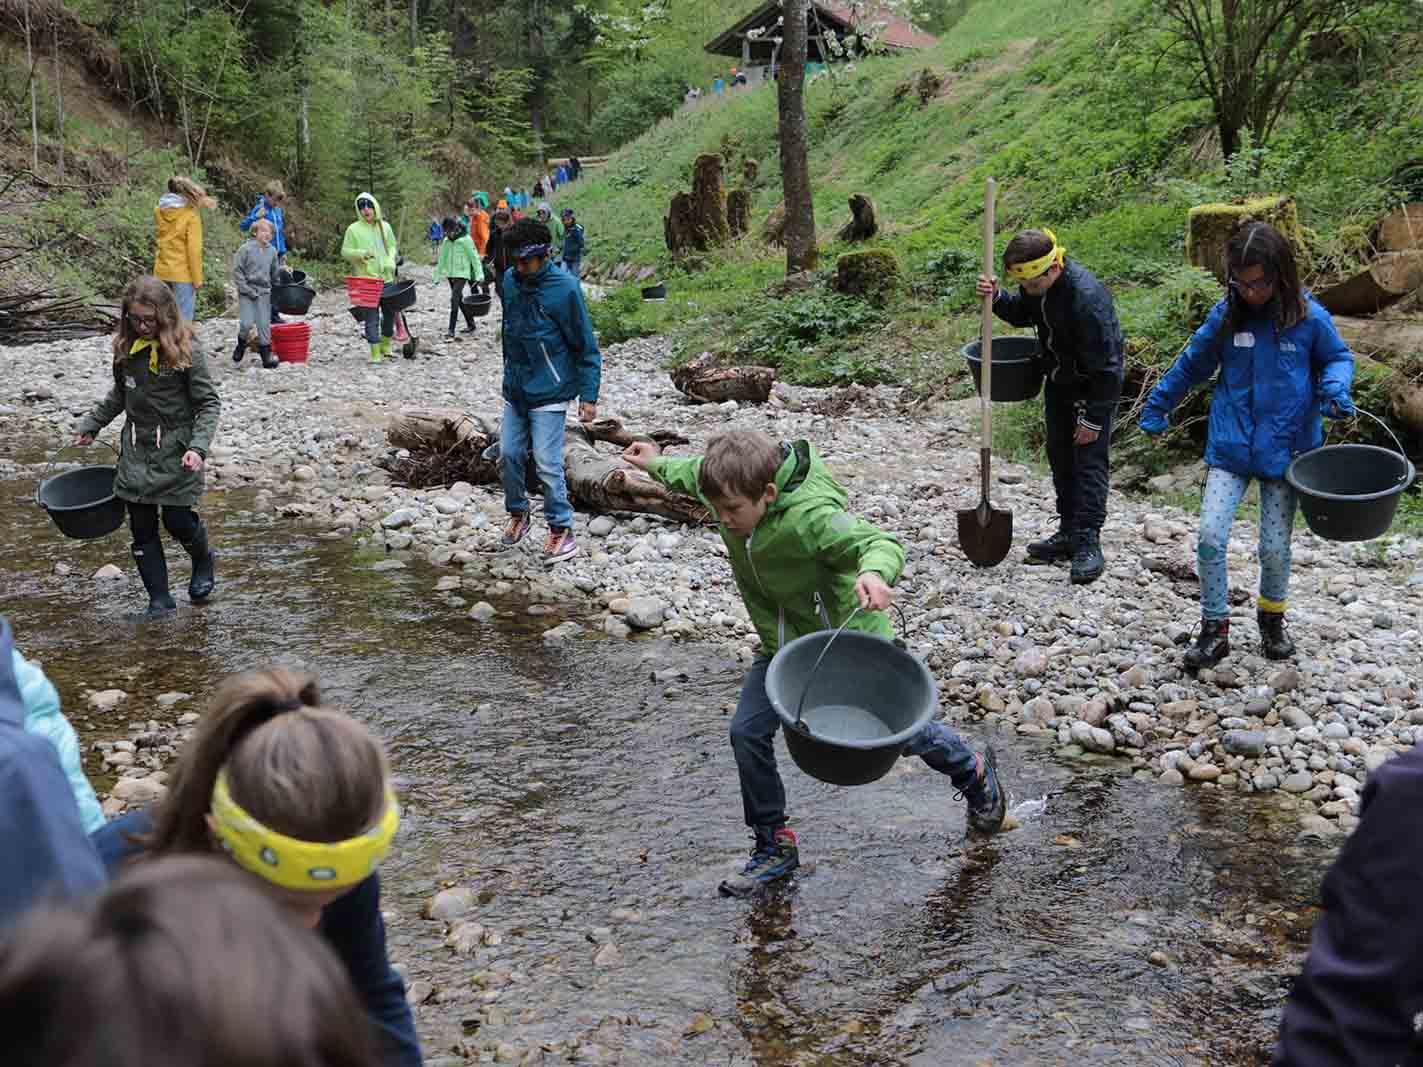 Wie in alten Zeiten schürften die Kinder an der Töss nach Gold und fanden auch einige kleine Stückchen.